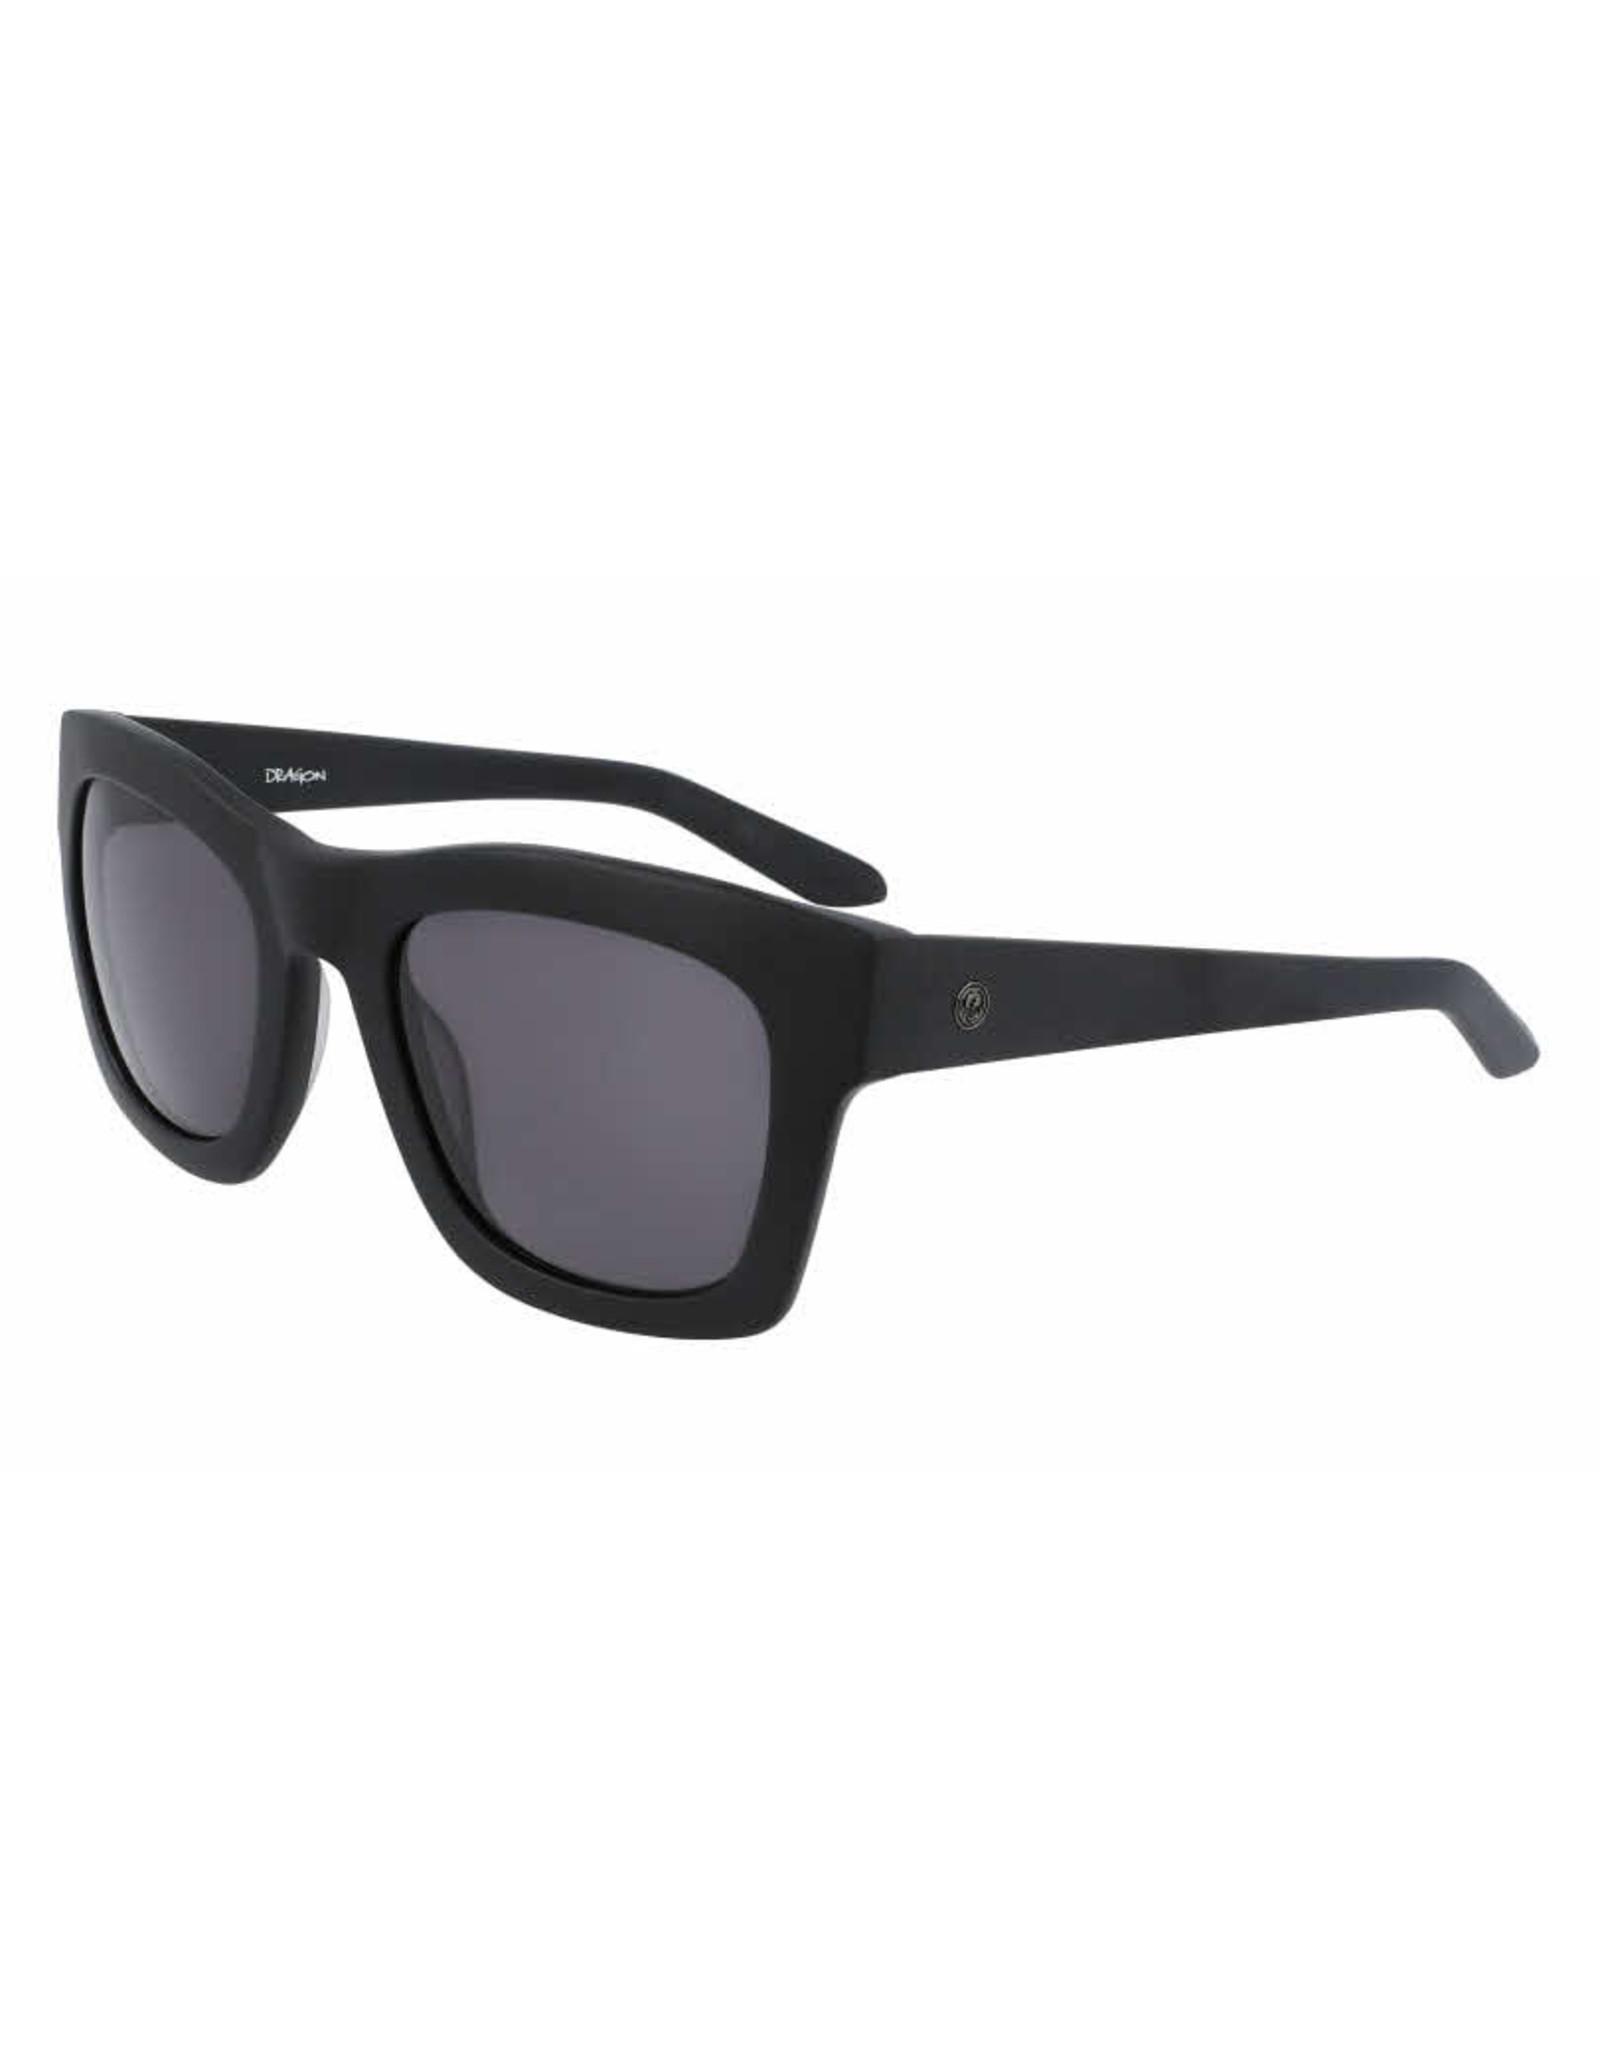 DRAGON Waverly LL Matte Black/LL Smoke Sunglasses